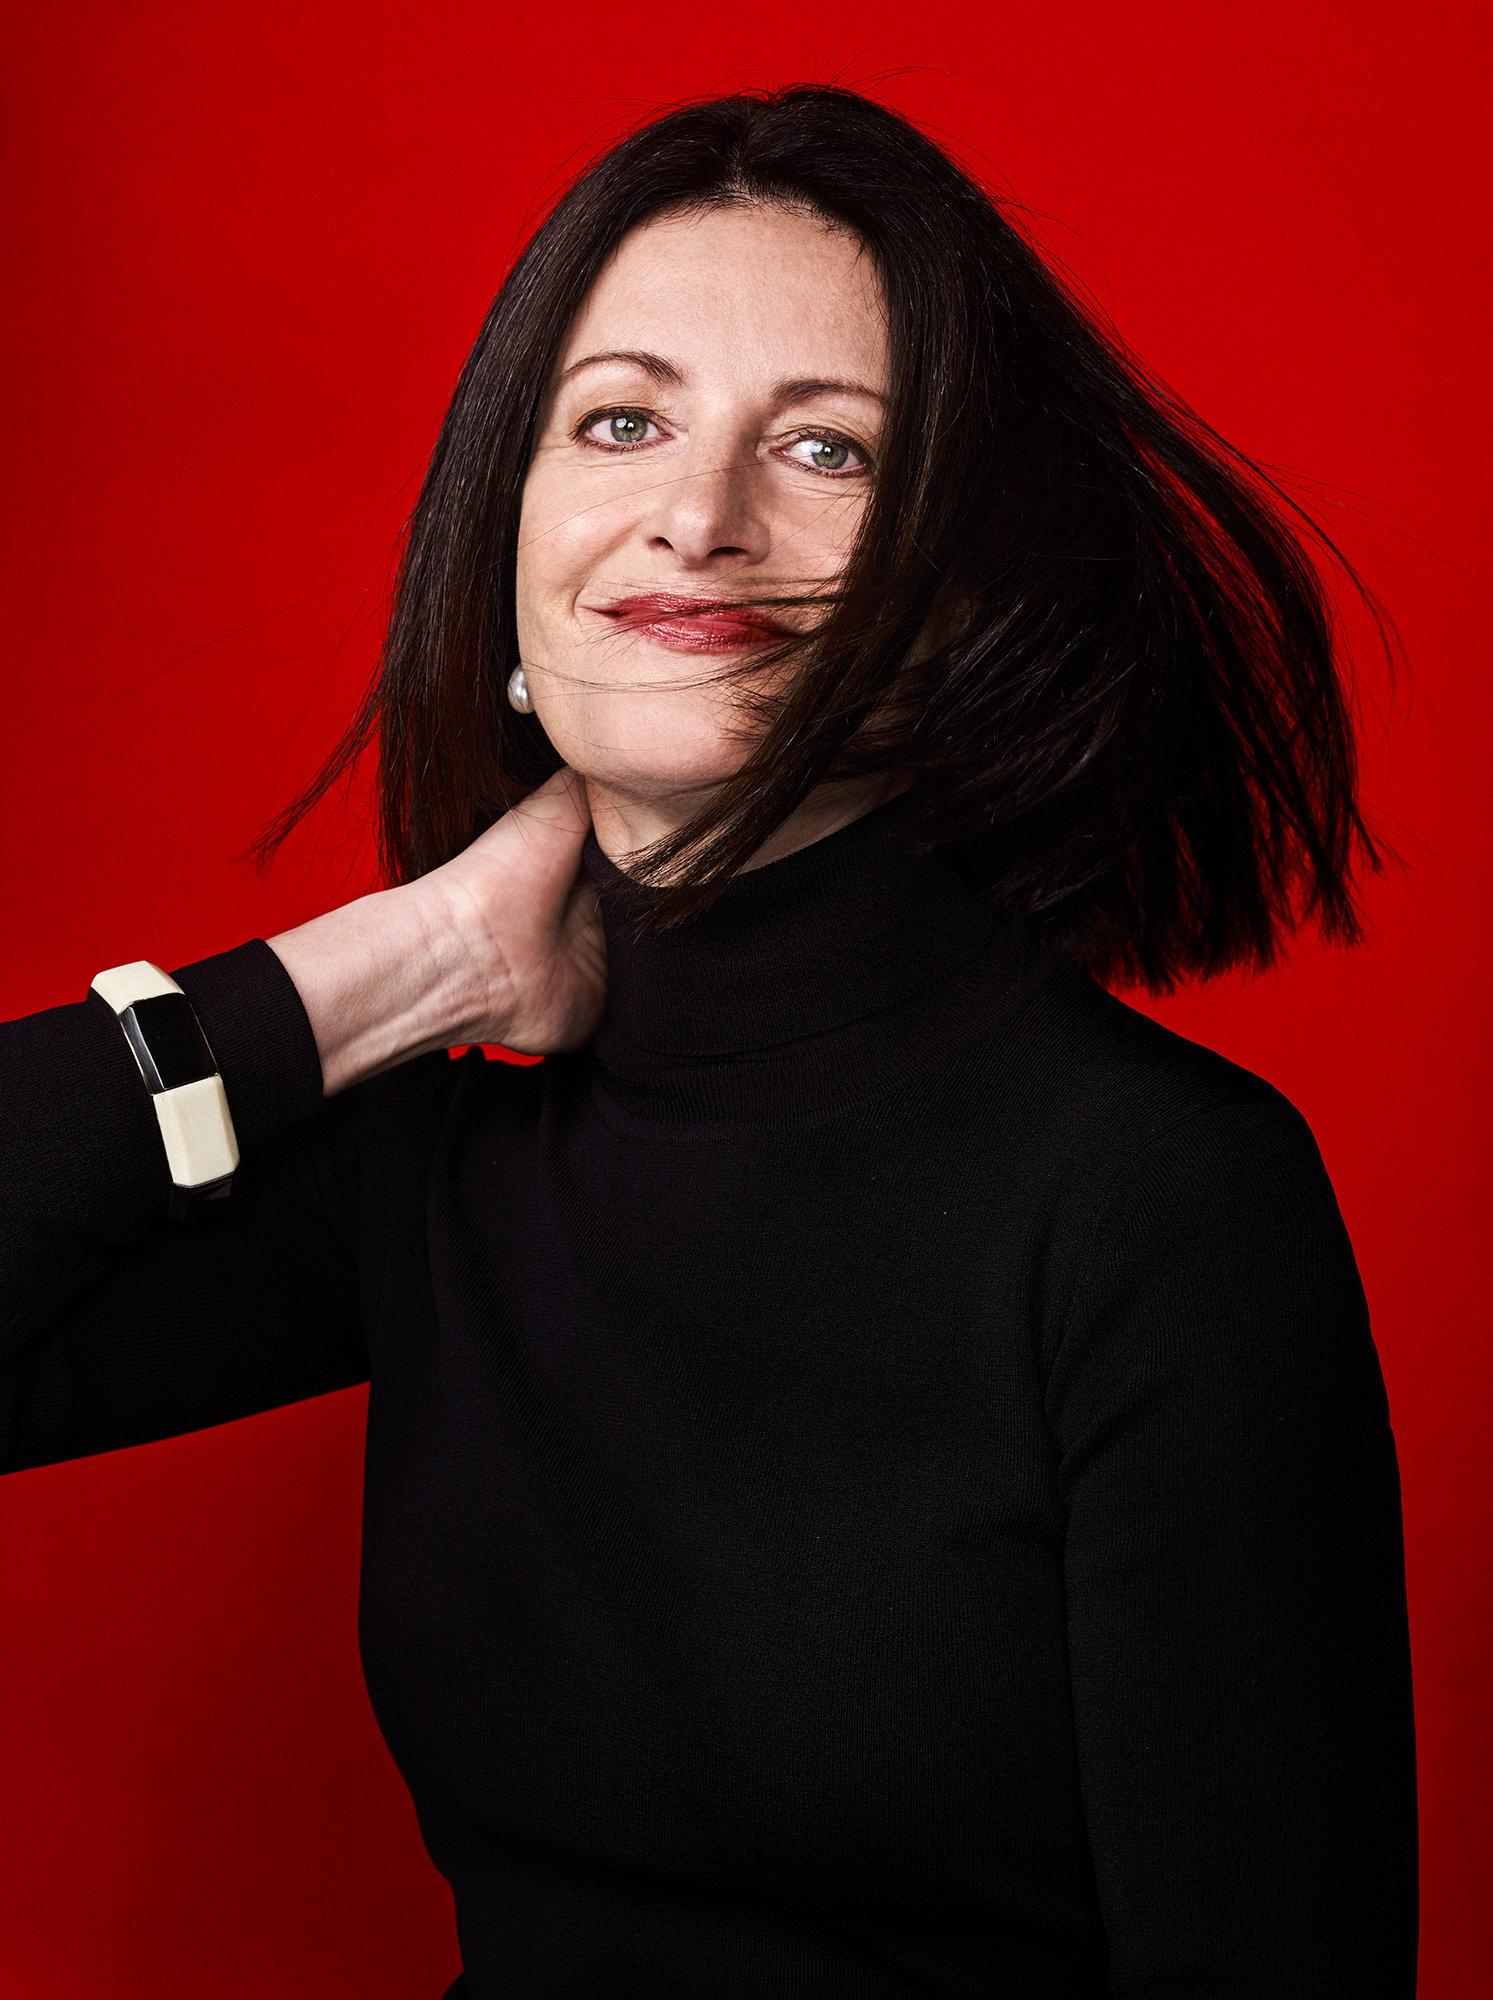 Olga Zoutendijk (ABNAMRO) for Harpers Bazaar NL